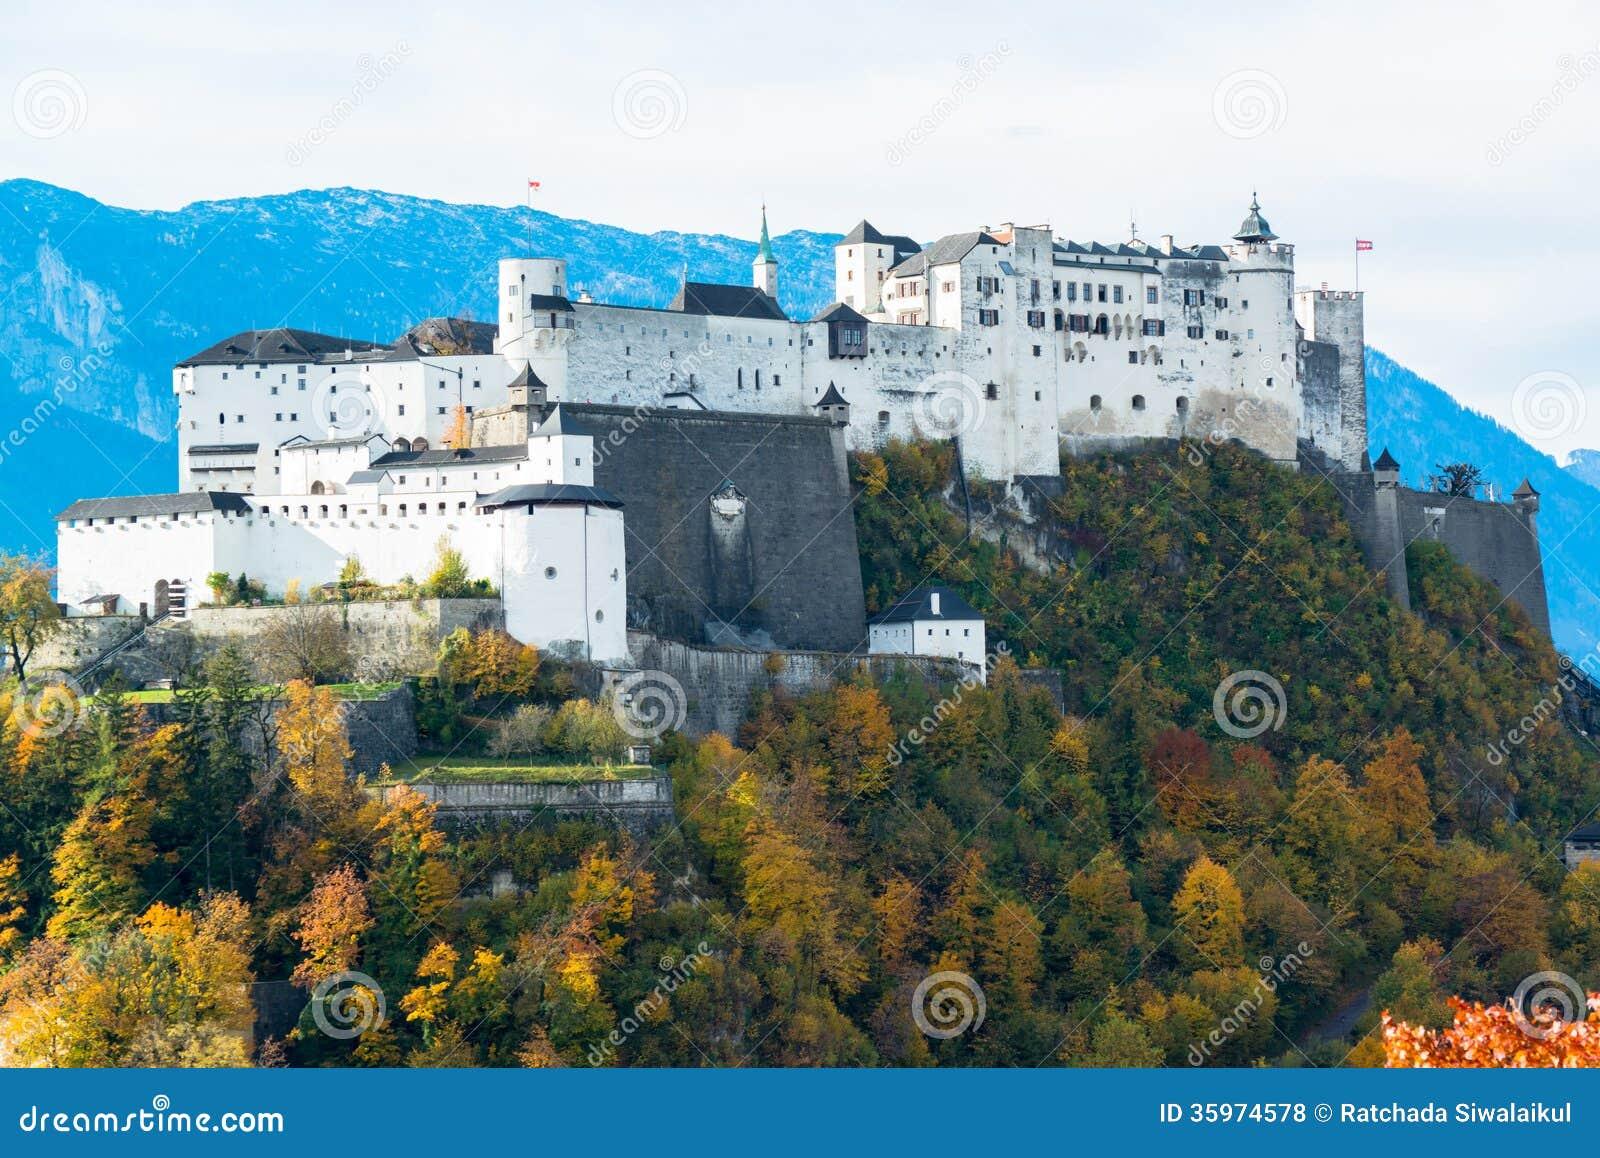 Vista panorámica de la ciudad histórica de Salzburg